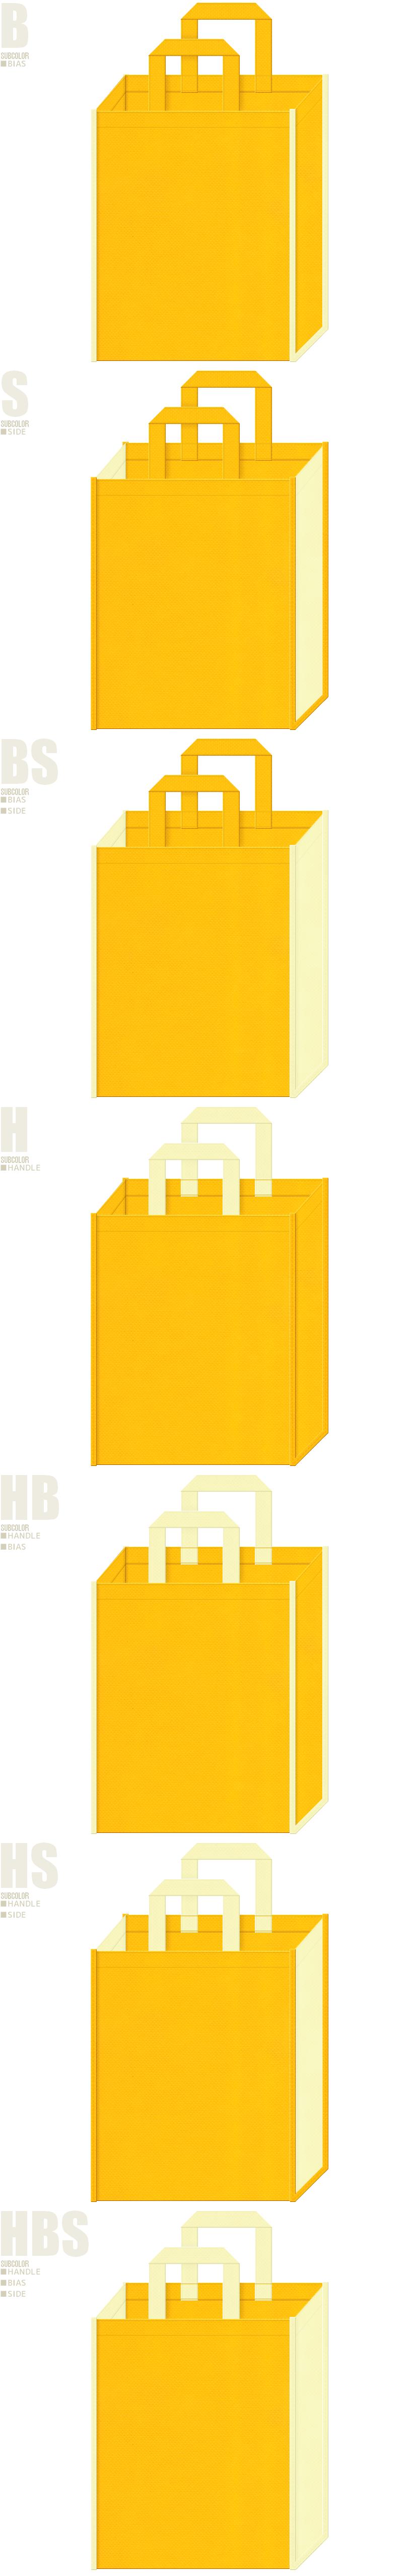 通園バッグ・ひよこ・たまご・バナナ・グレープフルーツ・レモン・ビタミンのイメージにお奨めの不織布バッグデザイン:黄色と薄黄色の不織布バッグ配色7パターン。